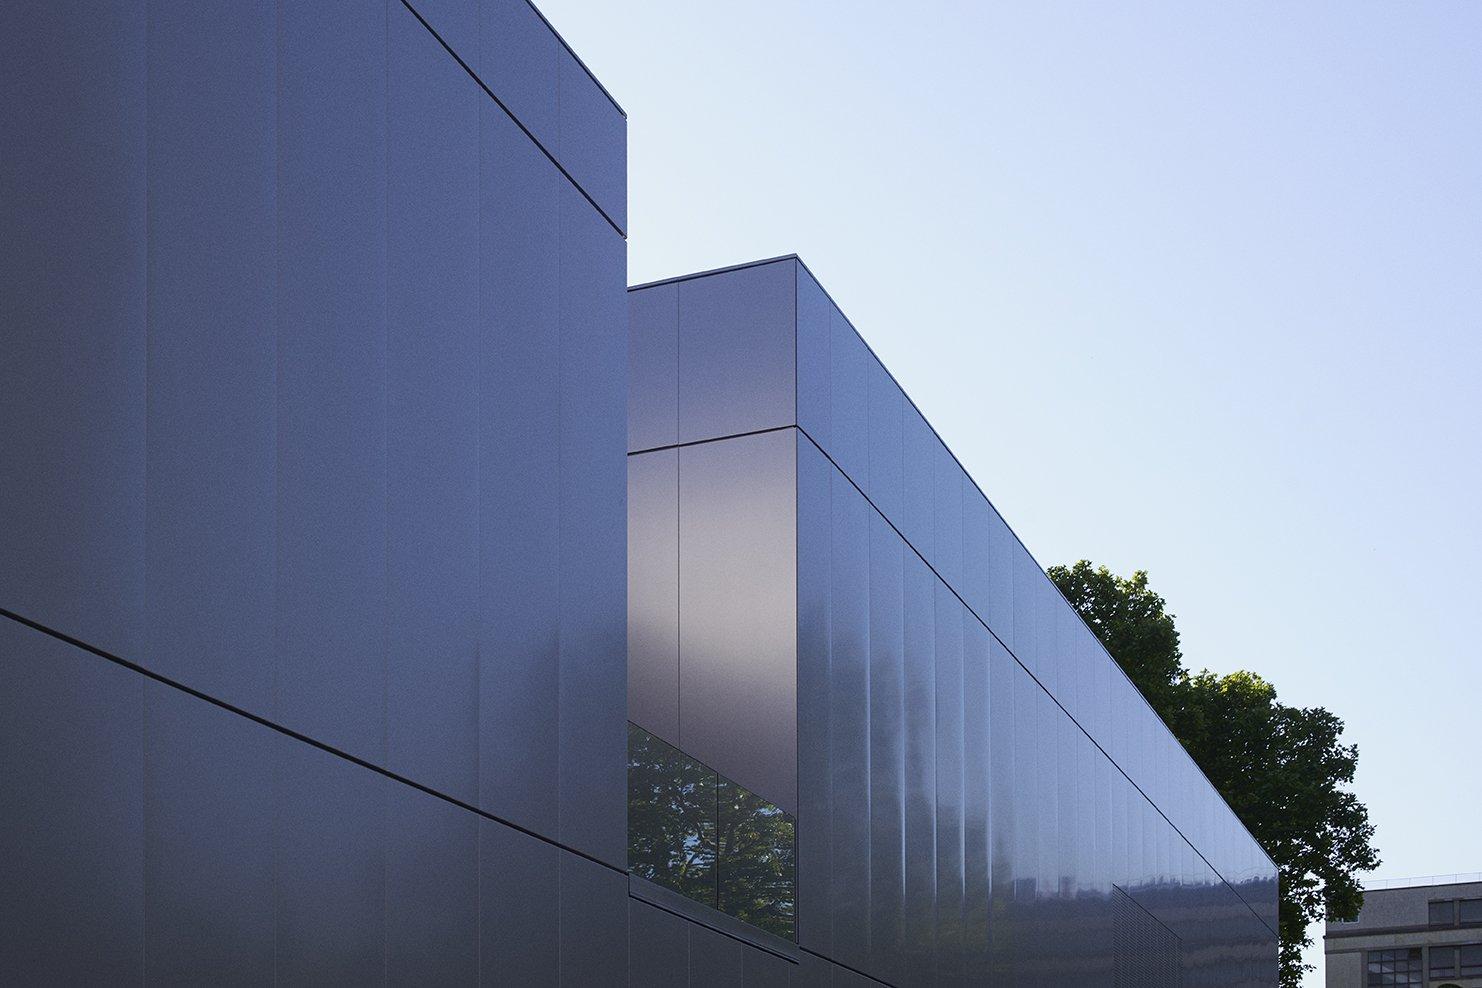 https://www.transform-architecture.com/wp-content/uploads/2020/12/TRANSFORM-Centre-exploration-fonctionnelle-Jussieu-06.jpg